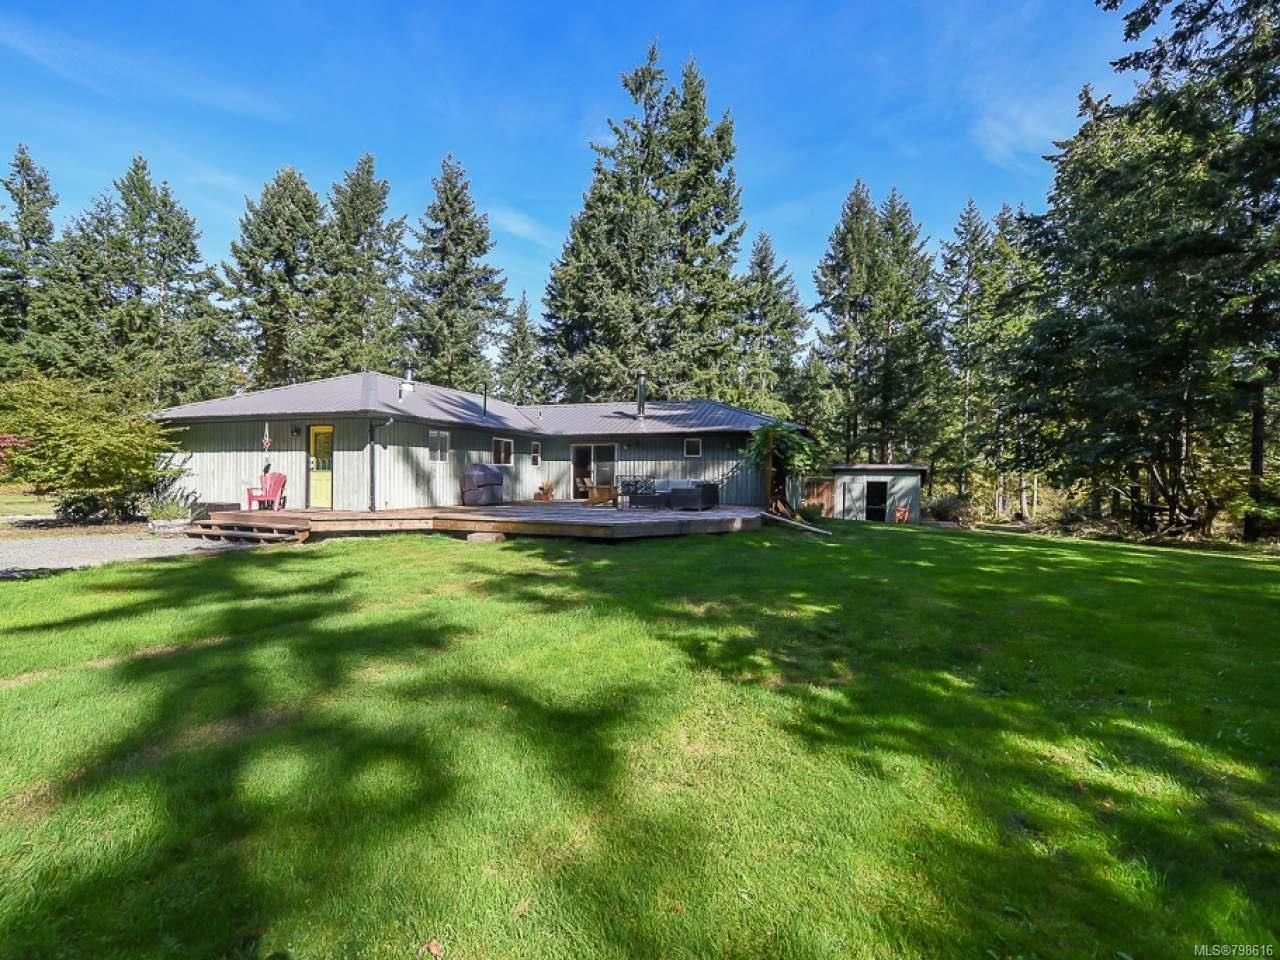 Main Photo: 1841 Gofor Rd in COURTENAY: CV Comox Peninsula House for sale (Comox Valley)  : MLS®# 798616